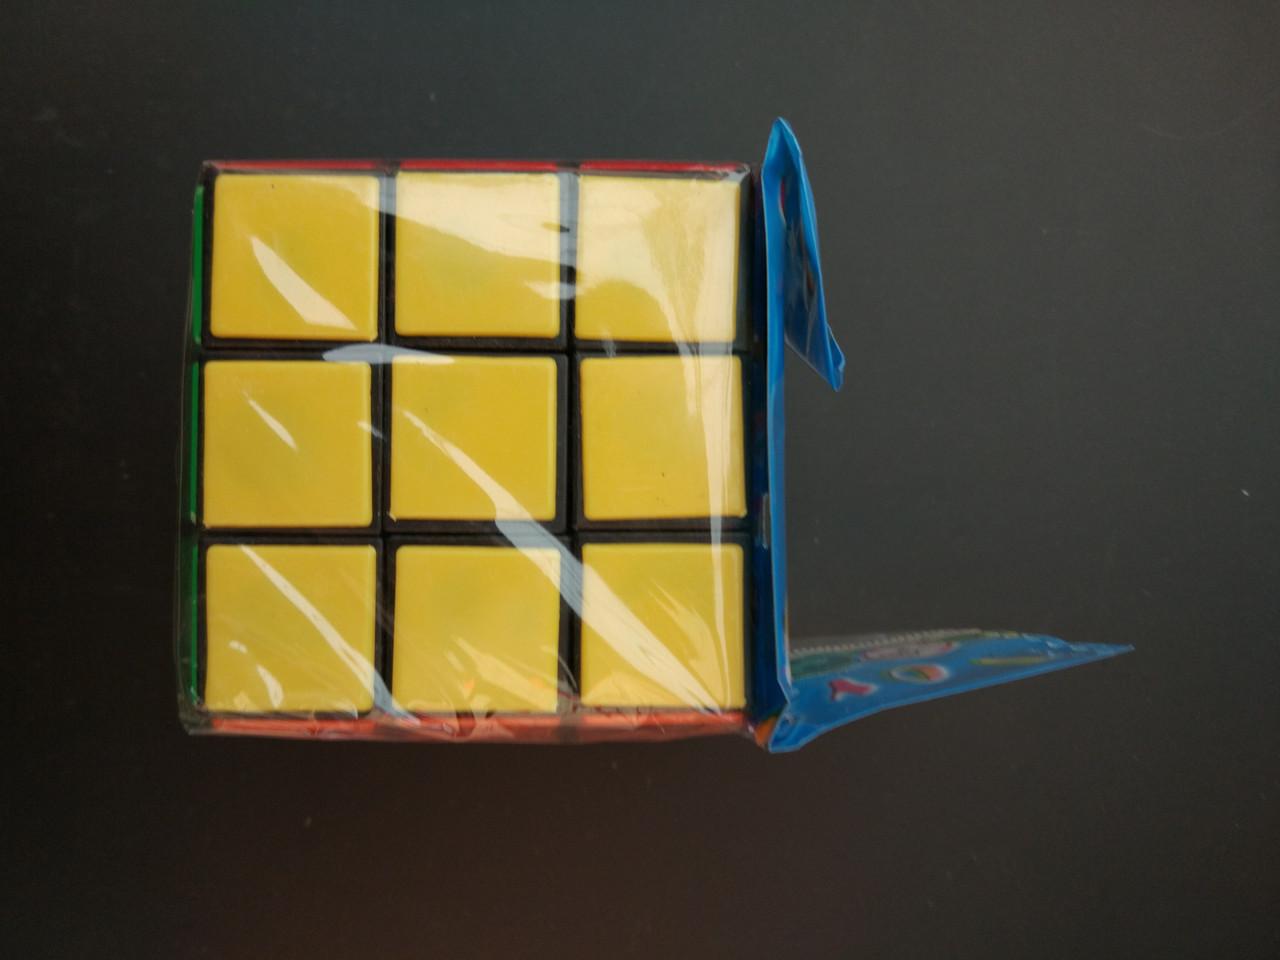 Кубик - рубика 588-5